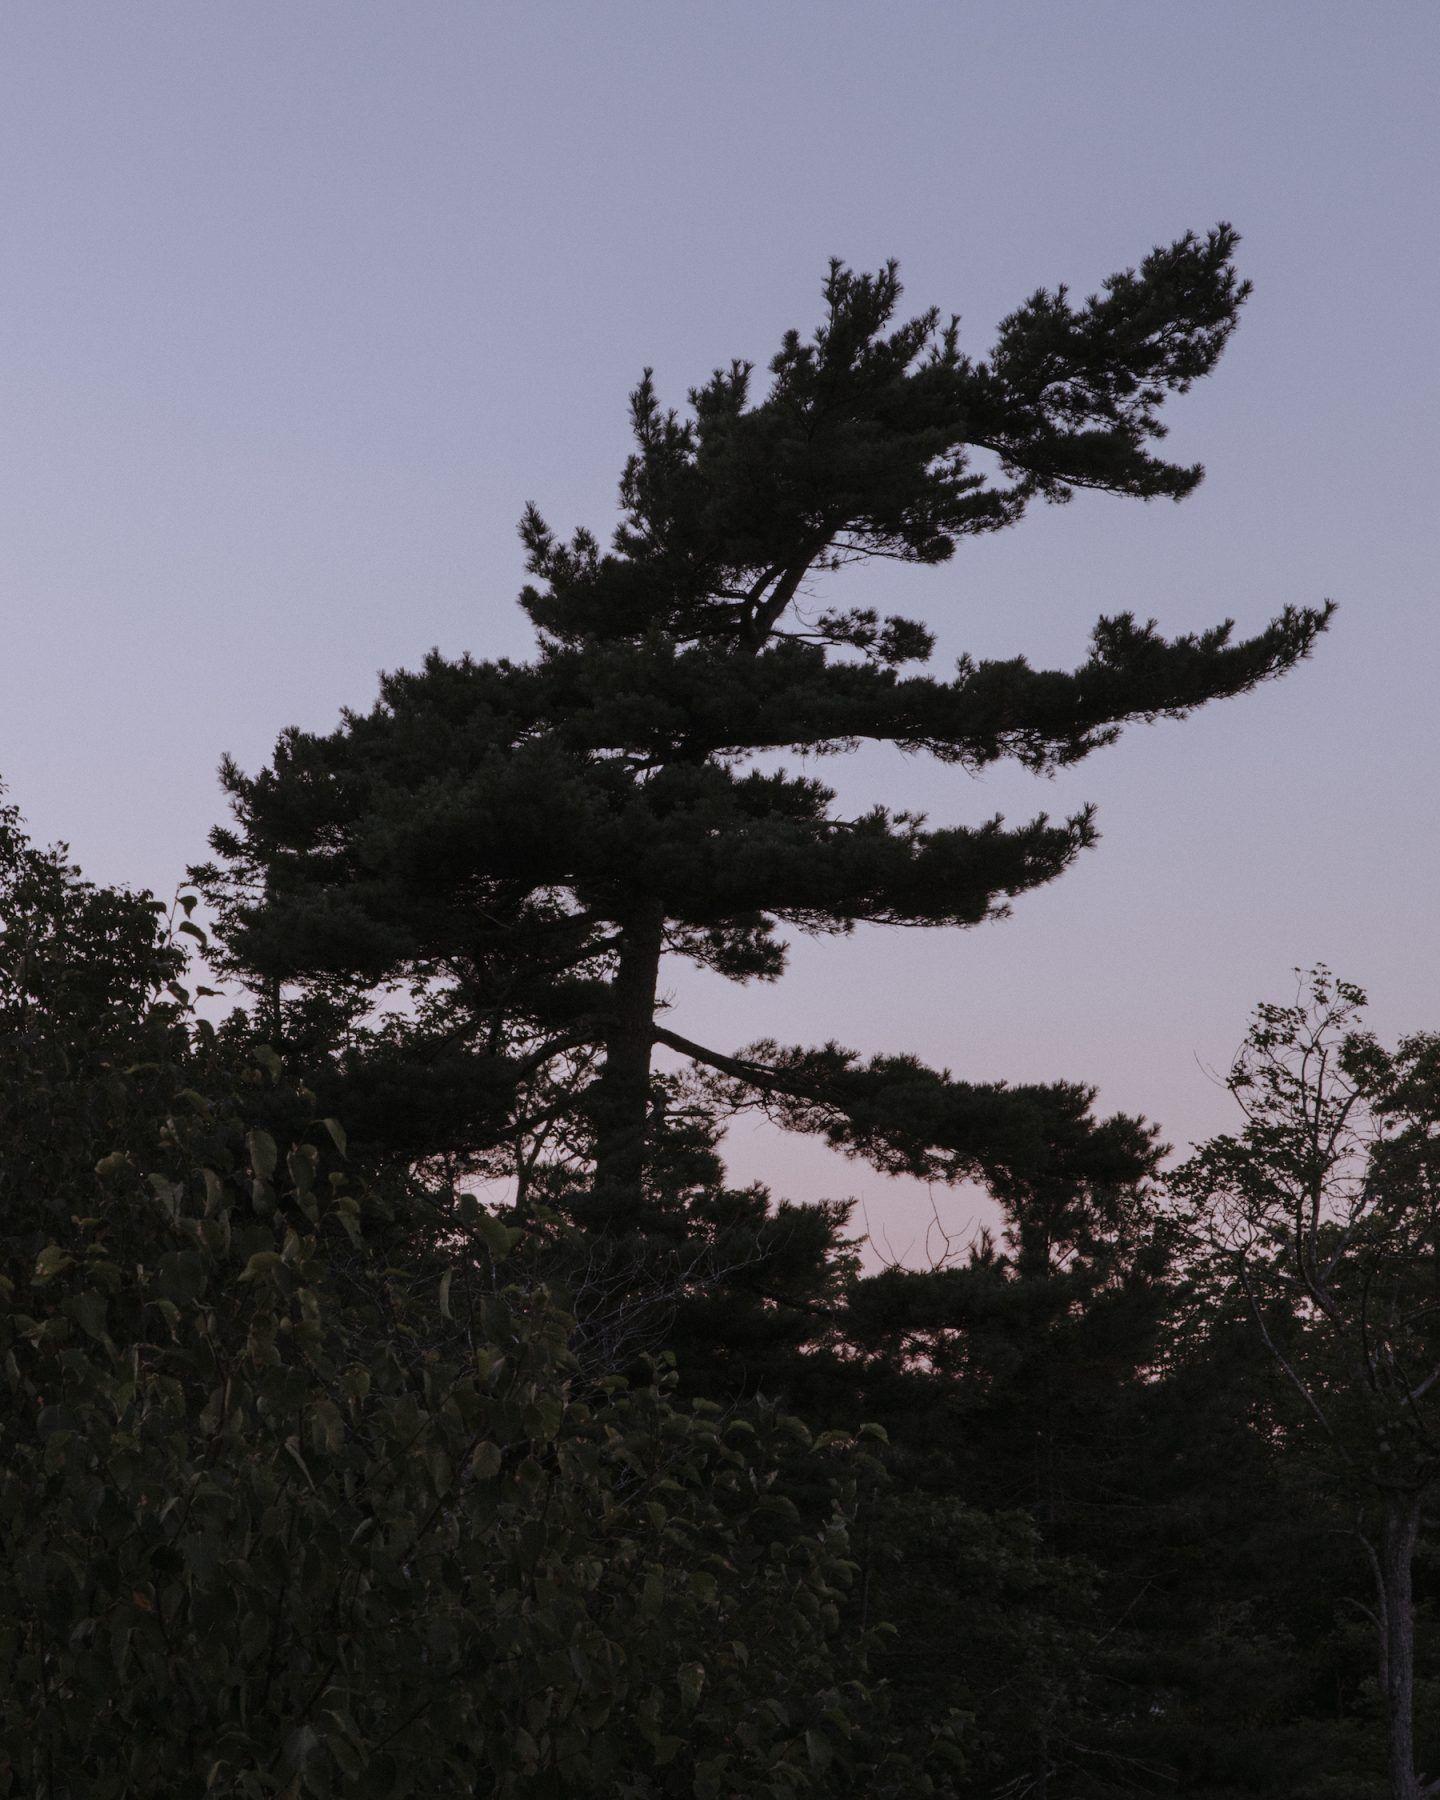 IGNANT-Photography-Landon-Speers-Nova-Scotia-025